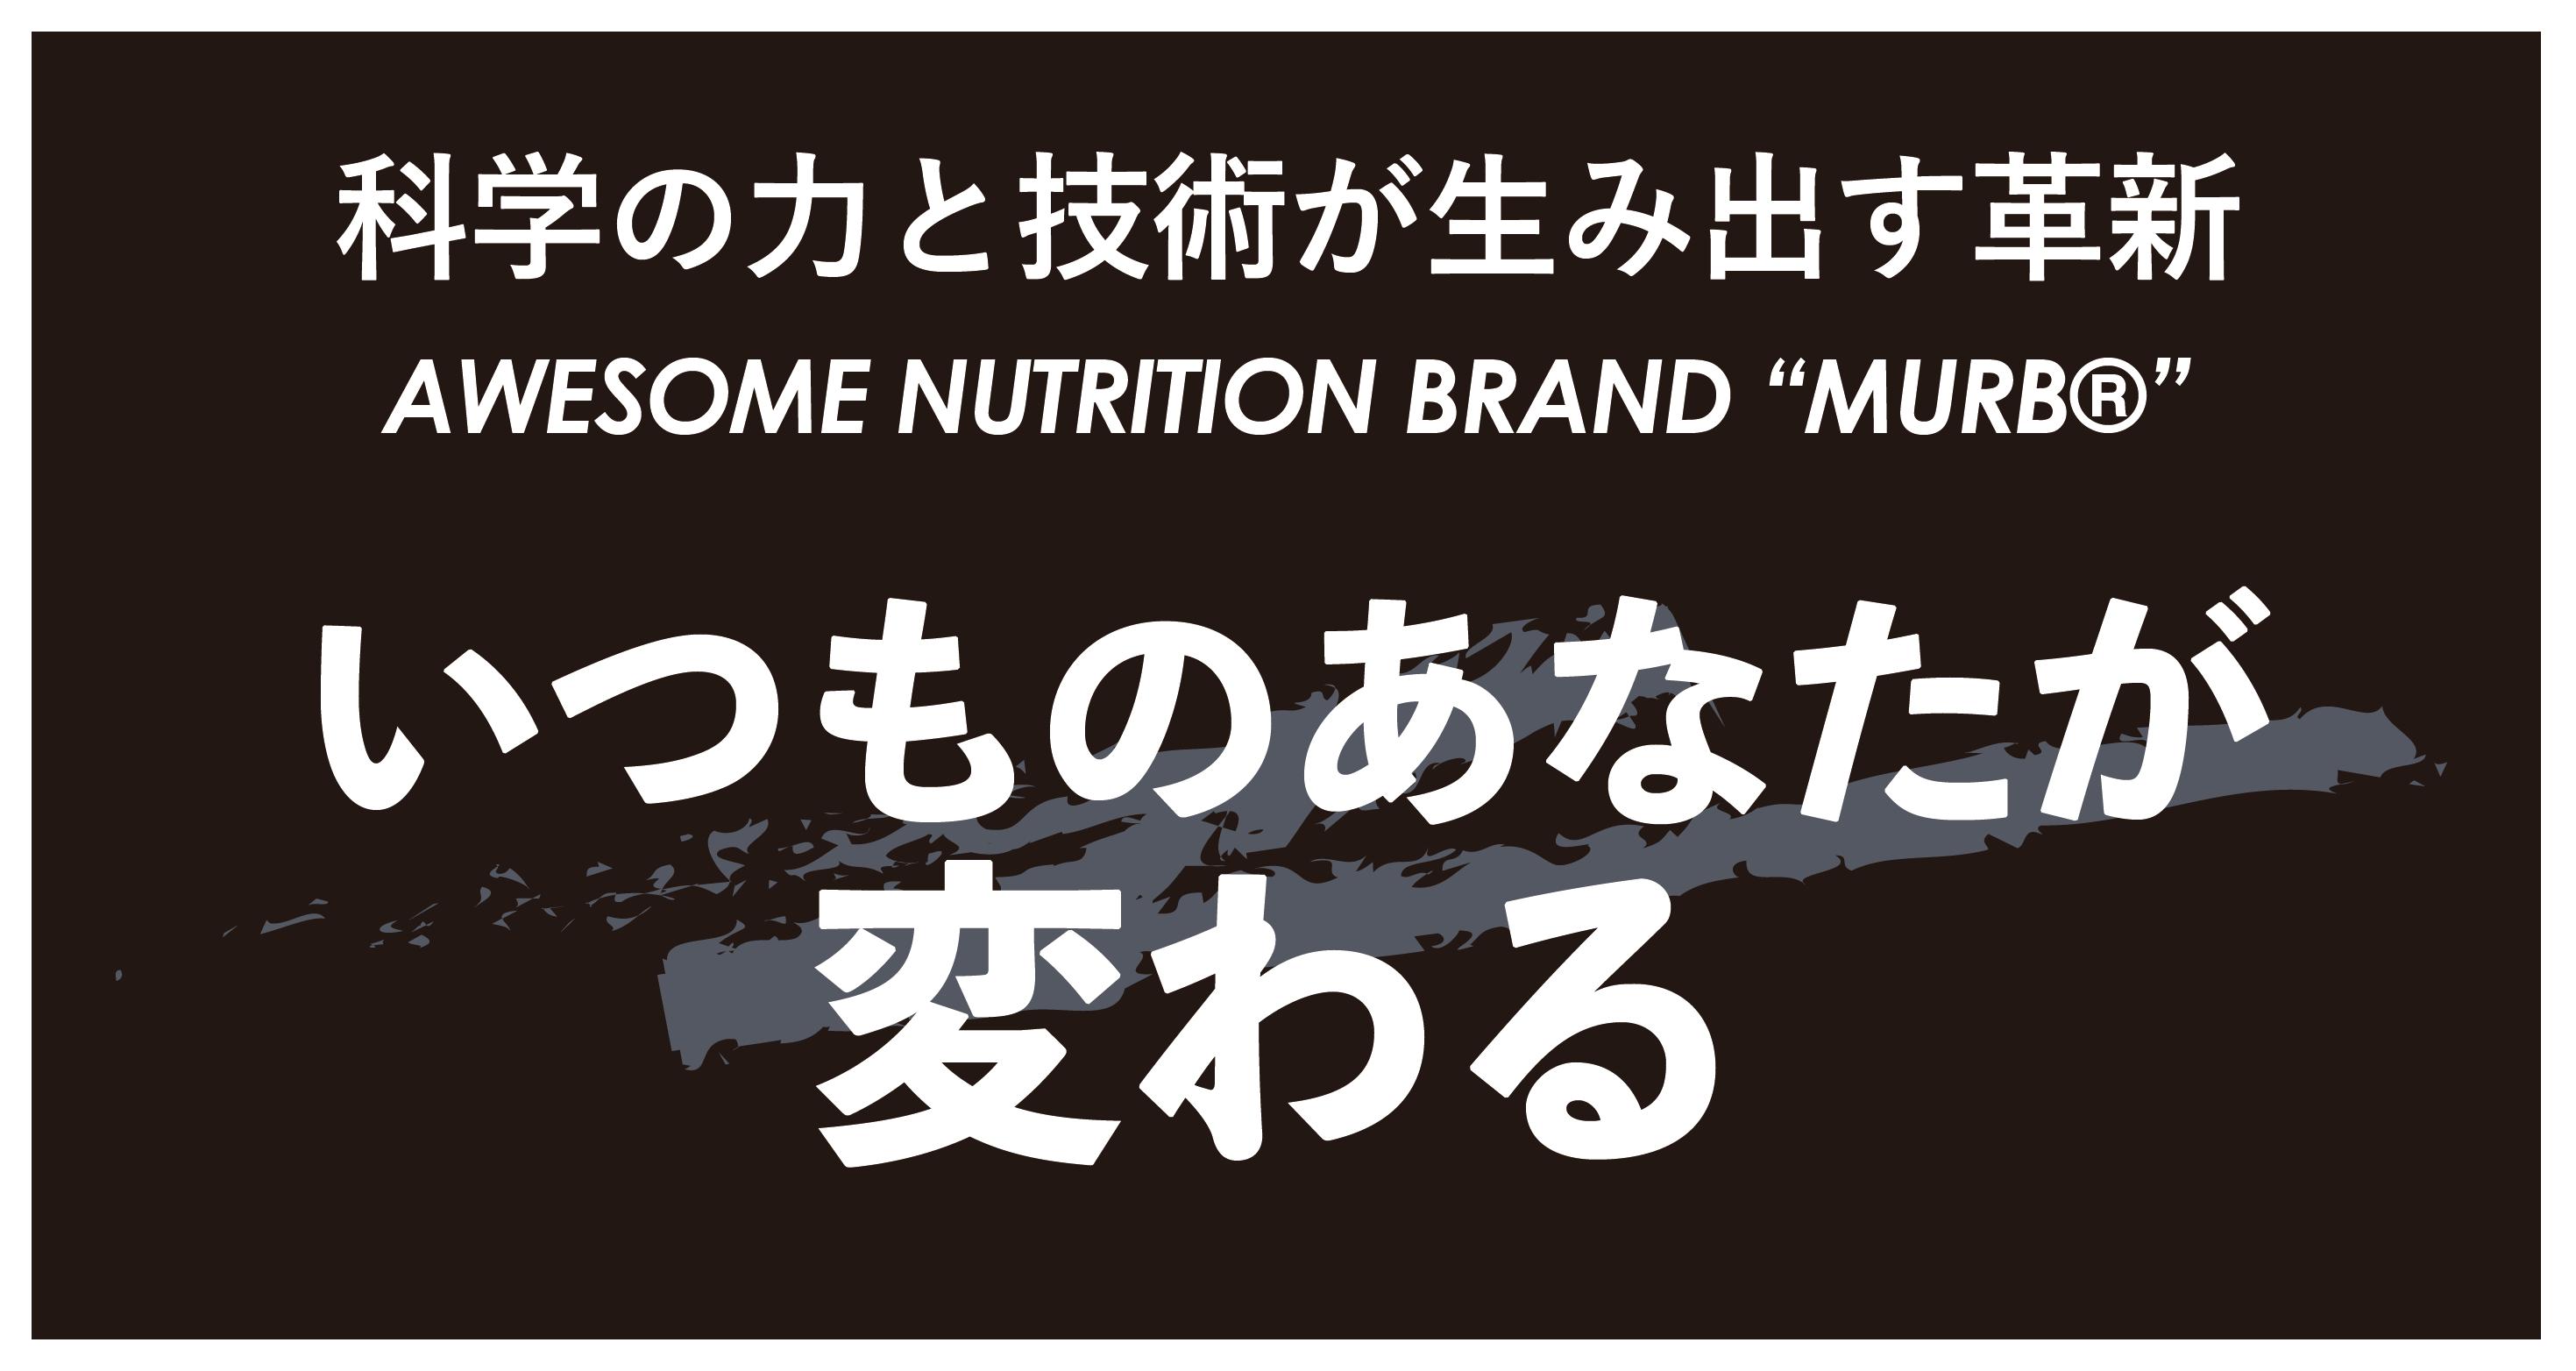 MURB(マーブ)革新的プロテインウォーターでいつものあなたが変わる。